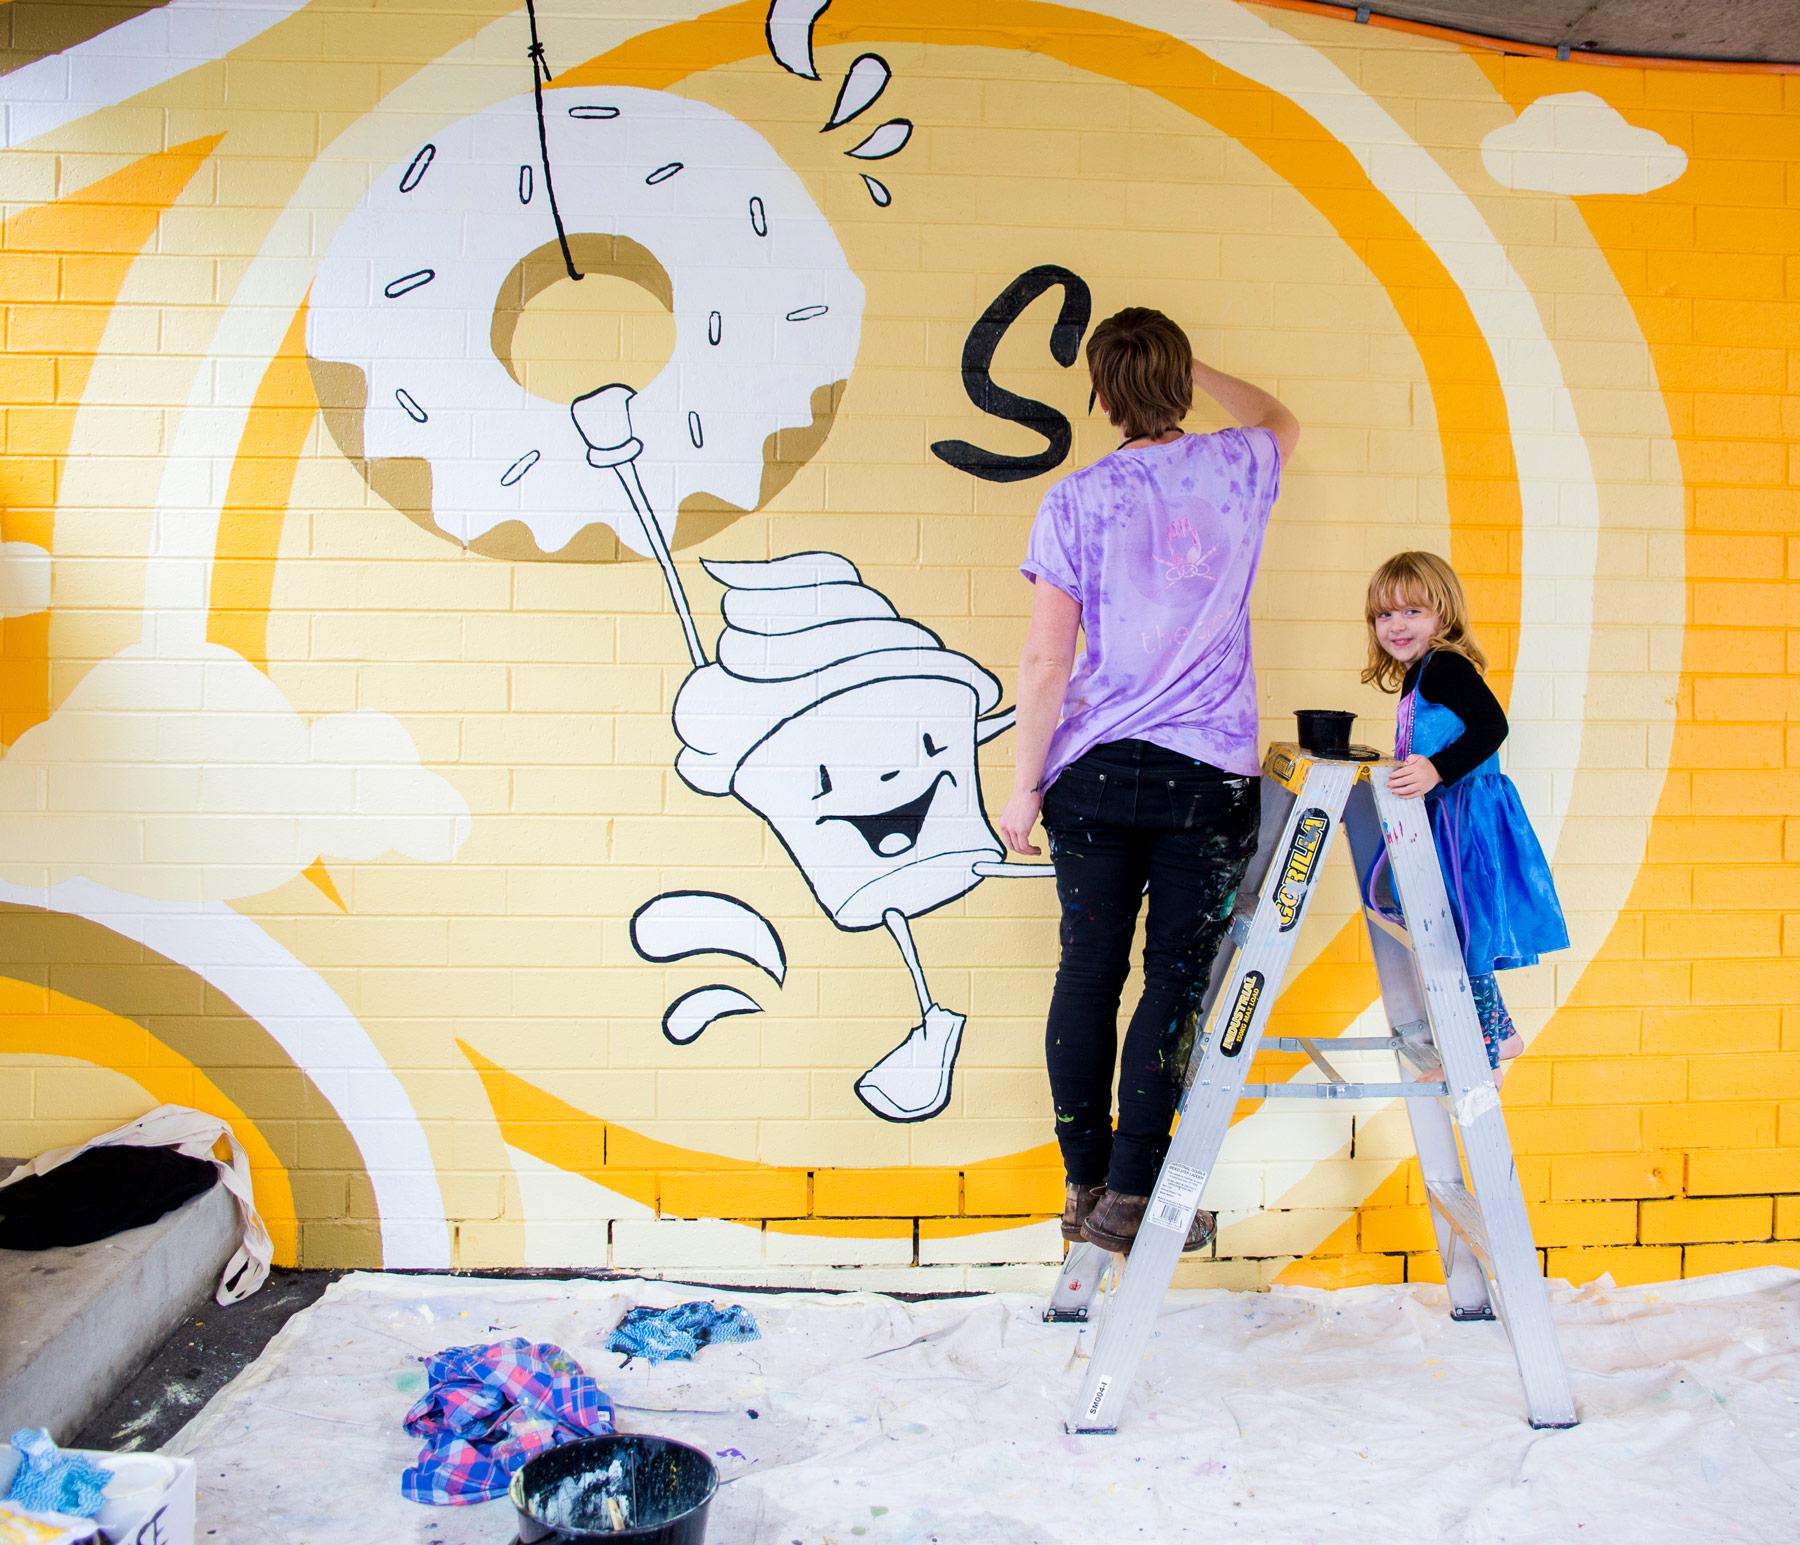 the-art-of-wall-eat-st-car-park-murals-6